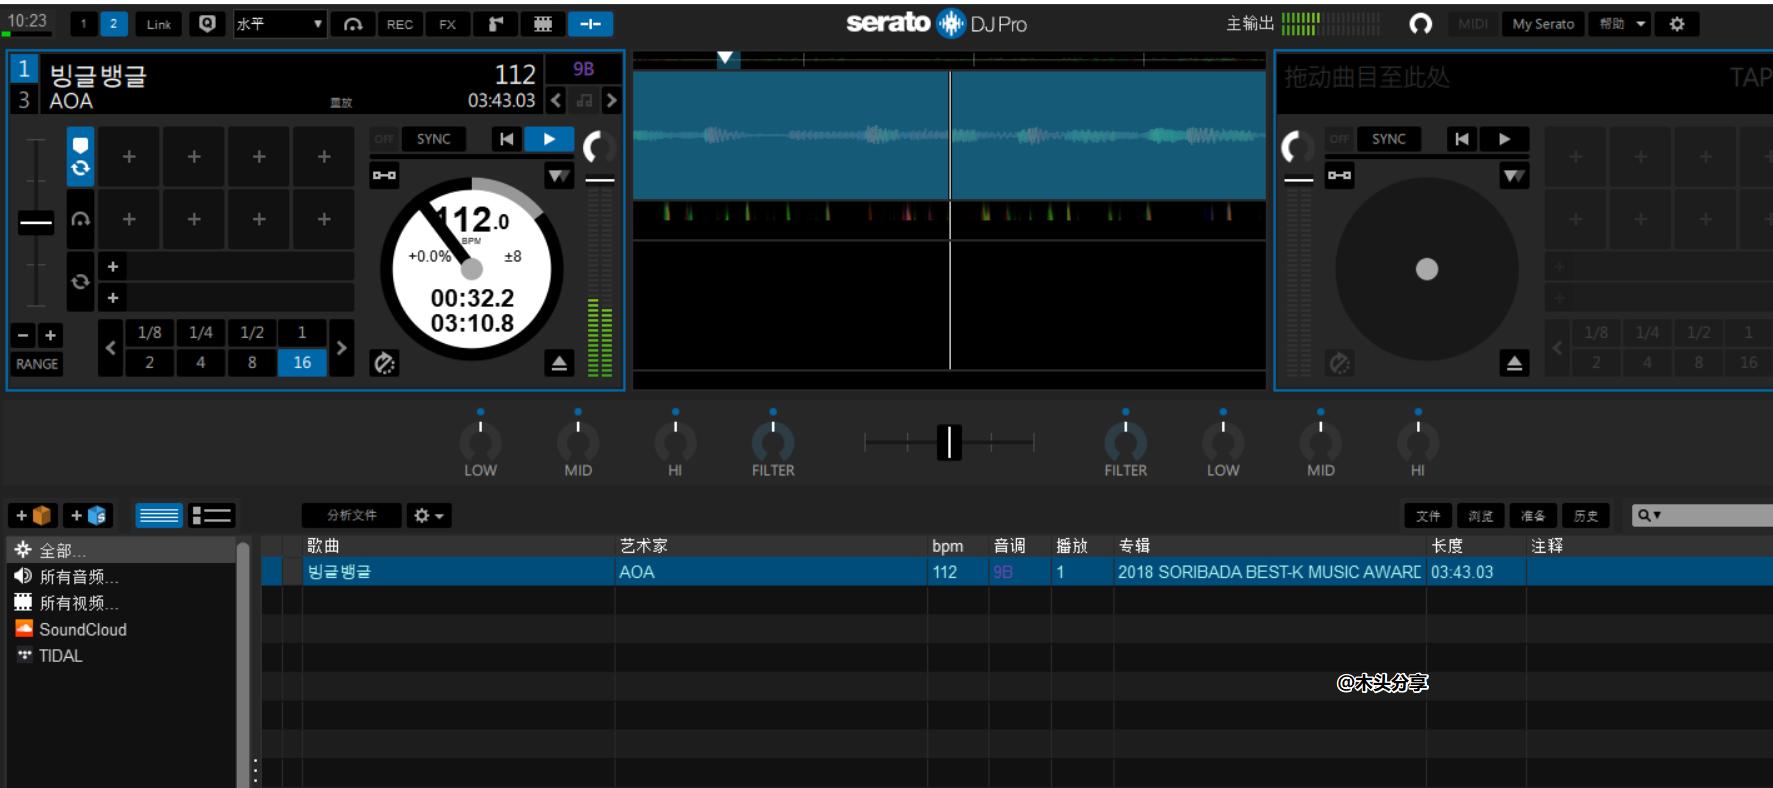 专业DJ软件 Serato DJ Pro v2.2.3 Build 90 福利版